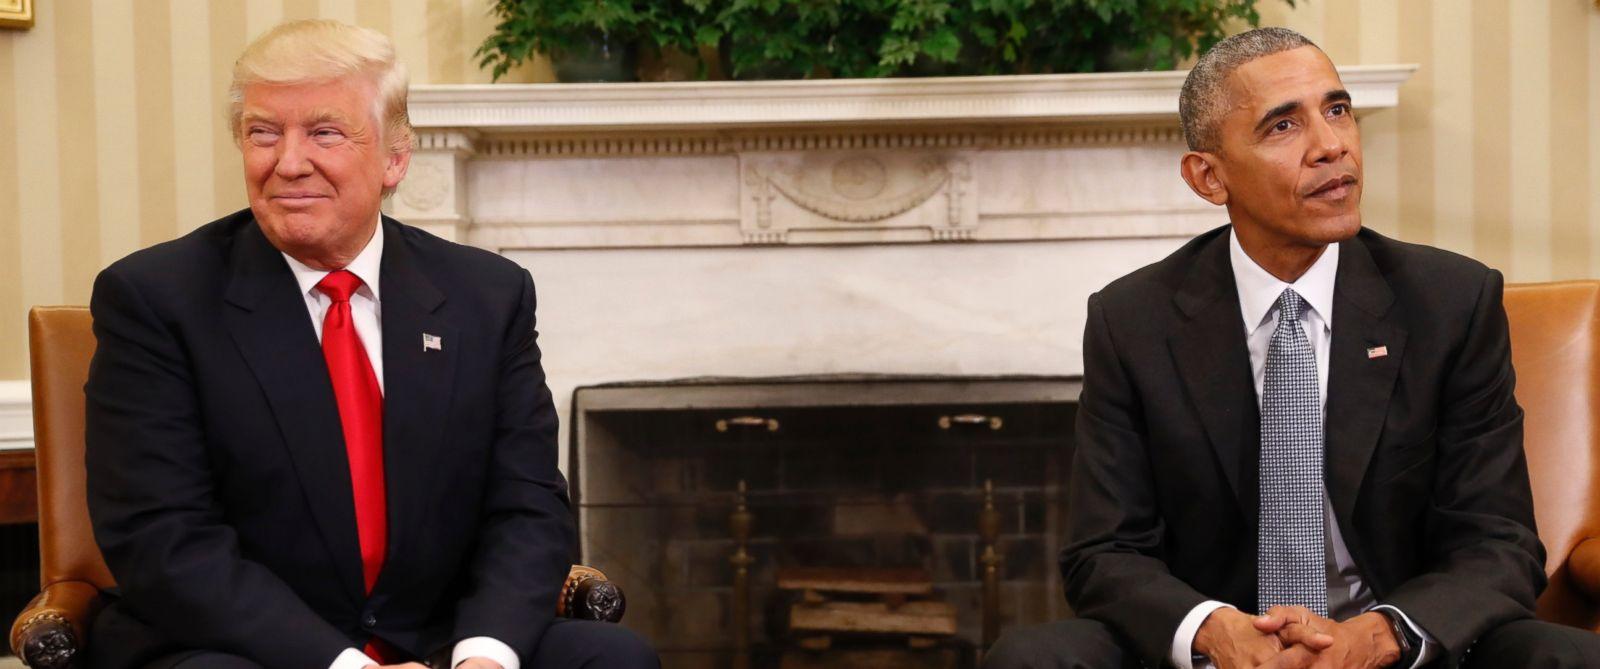 Sự khác biệt giữa chính phủ Obama và Trump trong tương lai